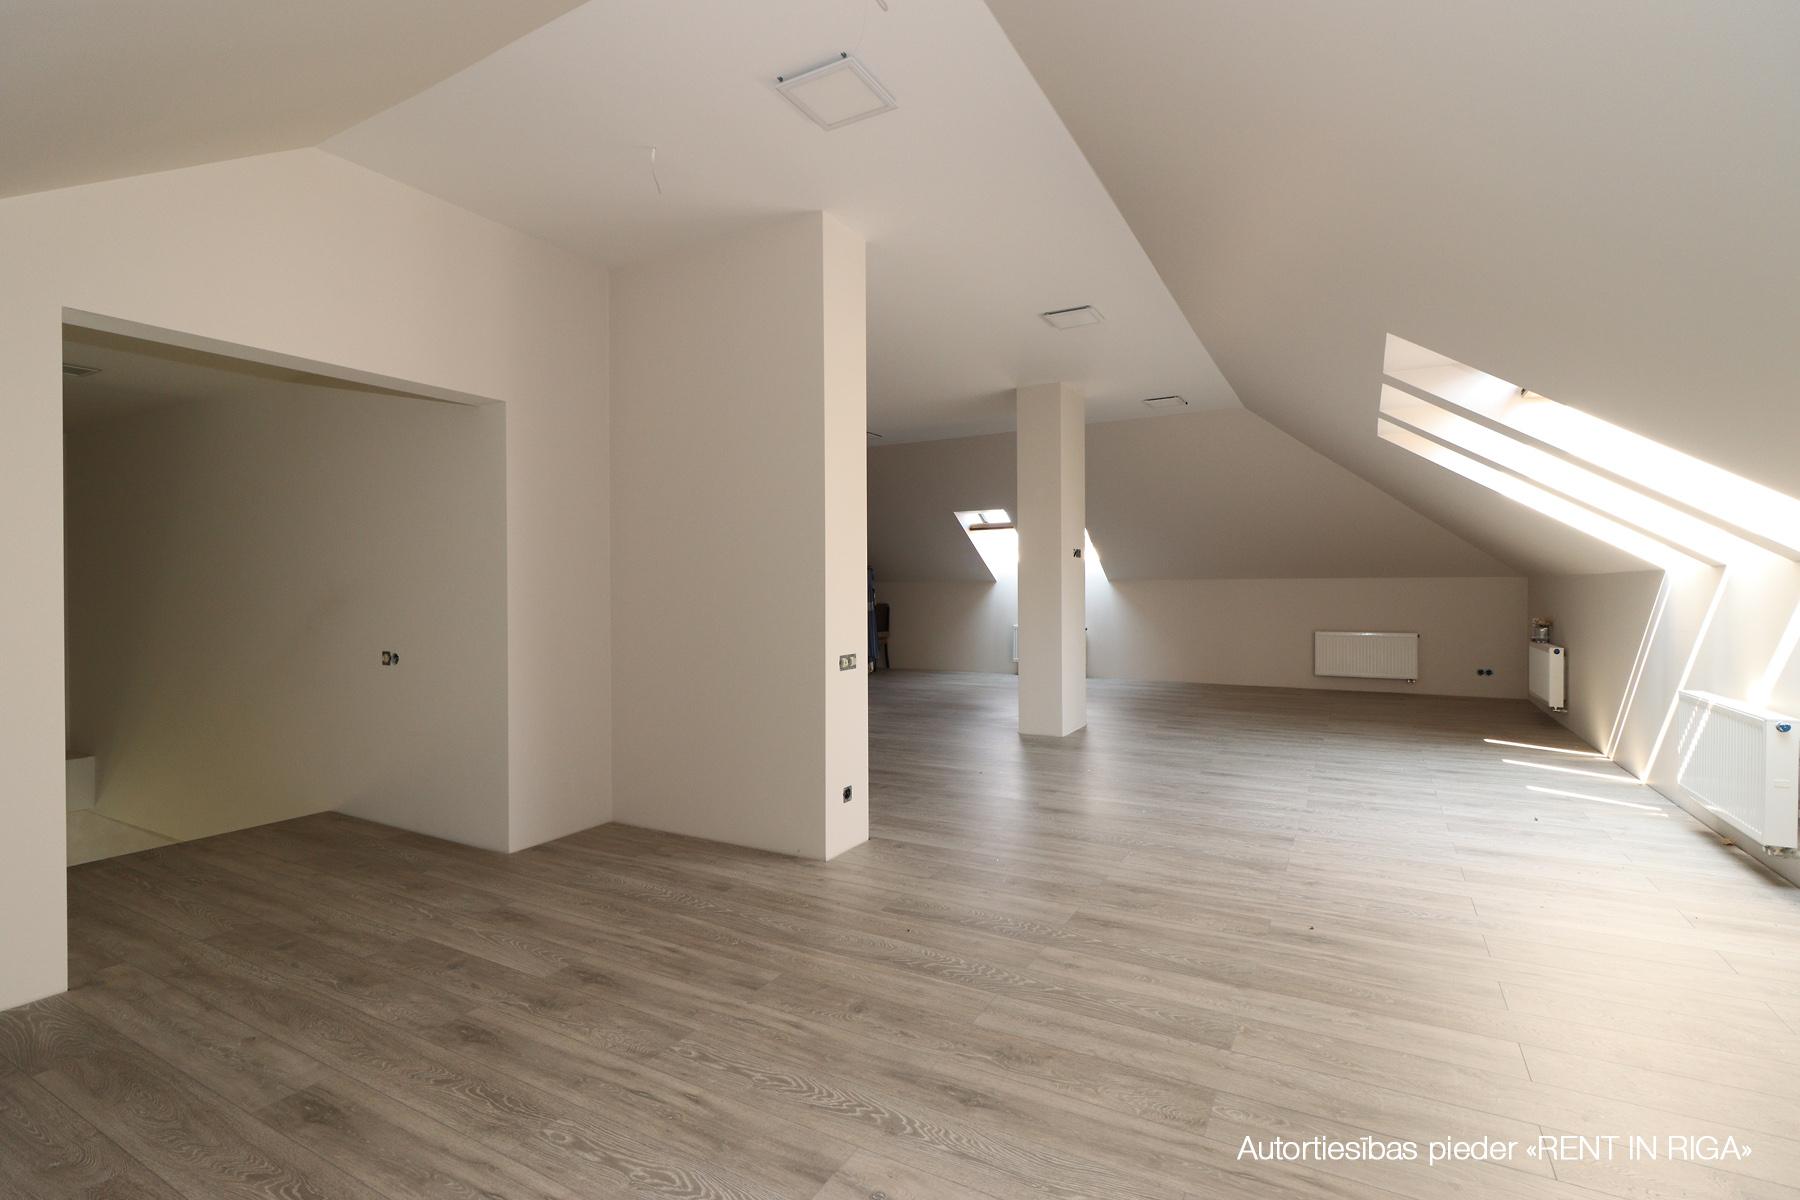 Pārdod māju, Senču sila iela - Attēls 1